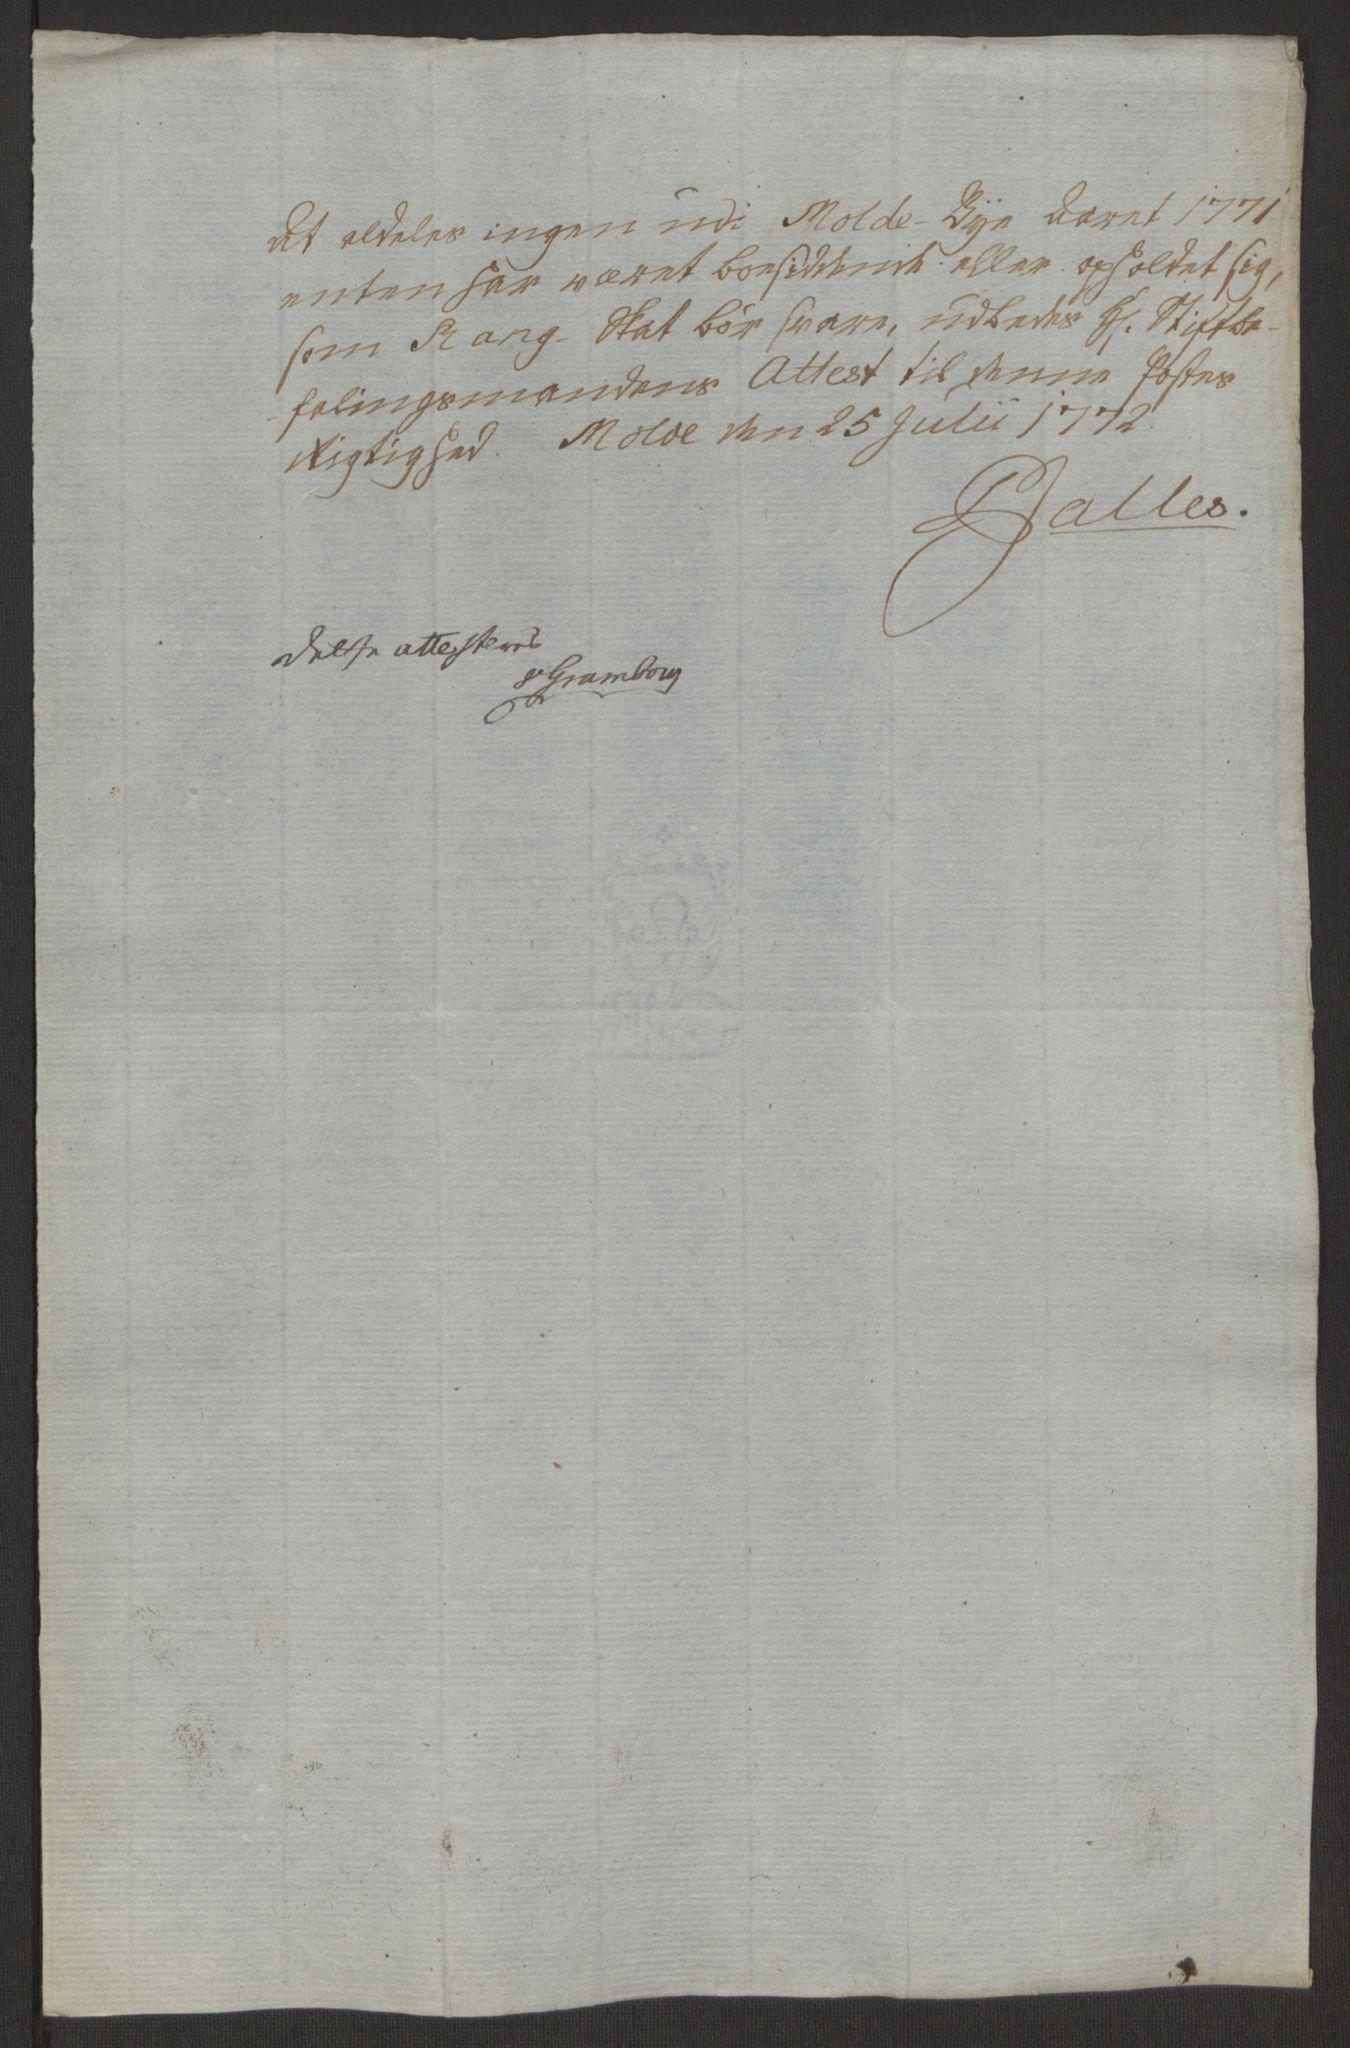 RA, Rentekammeret inntil 1814, Reviderte regnskaper, Byregnskaper, R/Rq/L0487: [Q1] Kontribusjonsregnskap, 1762-1772, s. 207